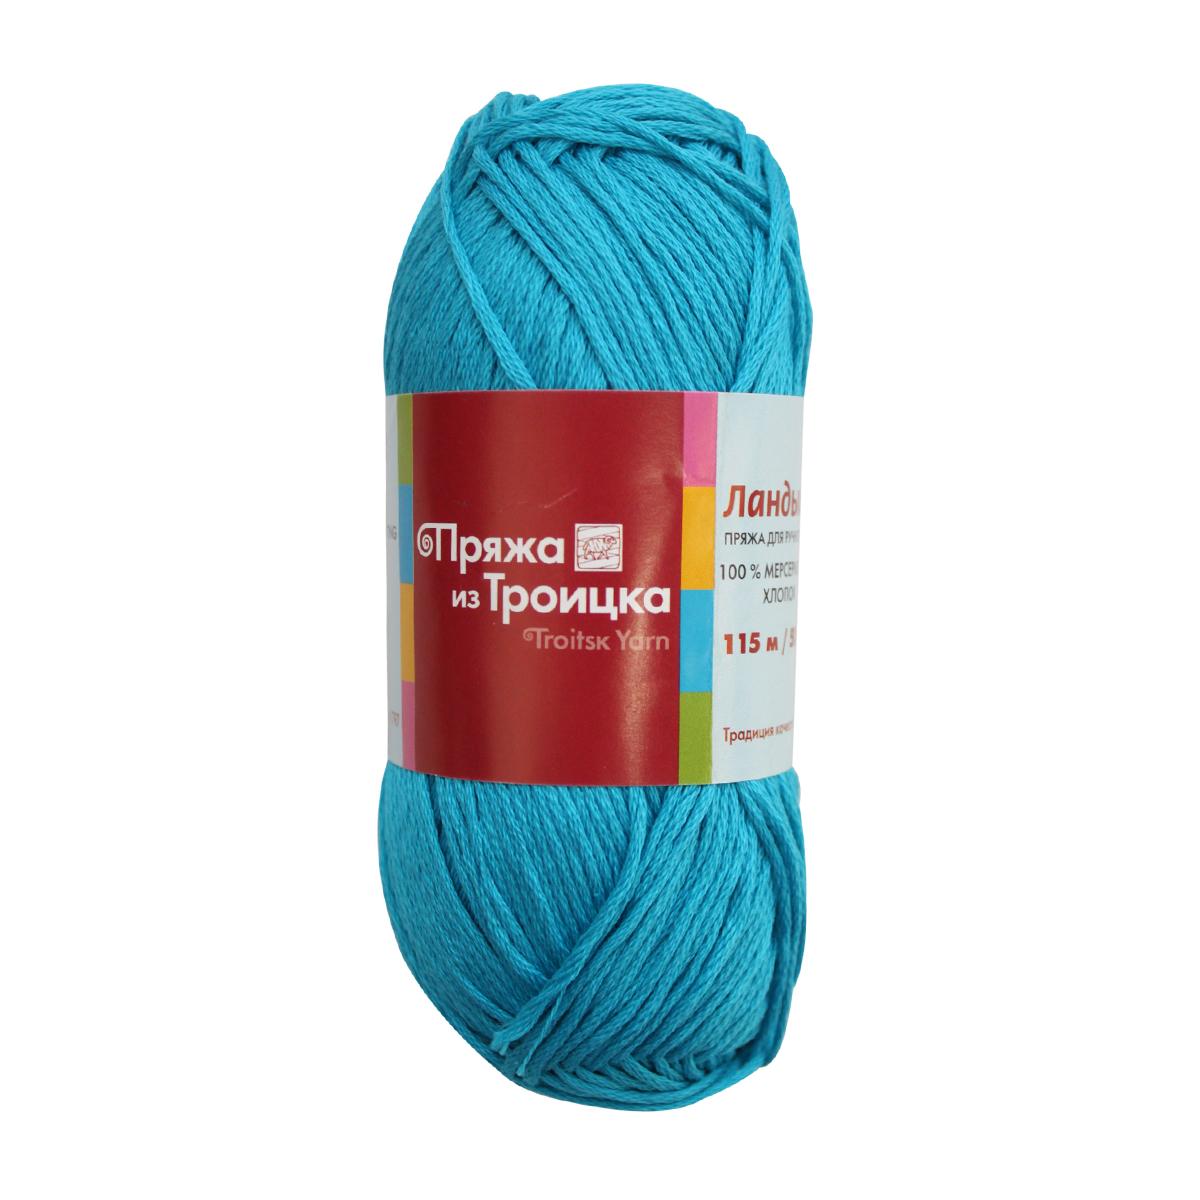 Пряжа для вязания Ландыш, 50 г, 115 м, цвет: 0473 голубая бирюза, 10 шт366131_0473